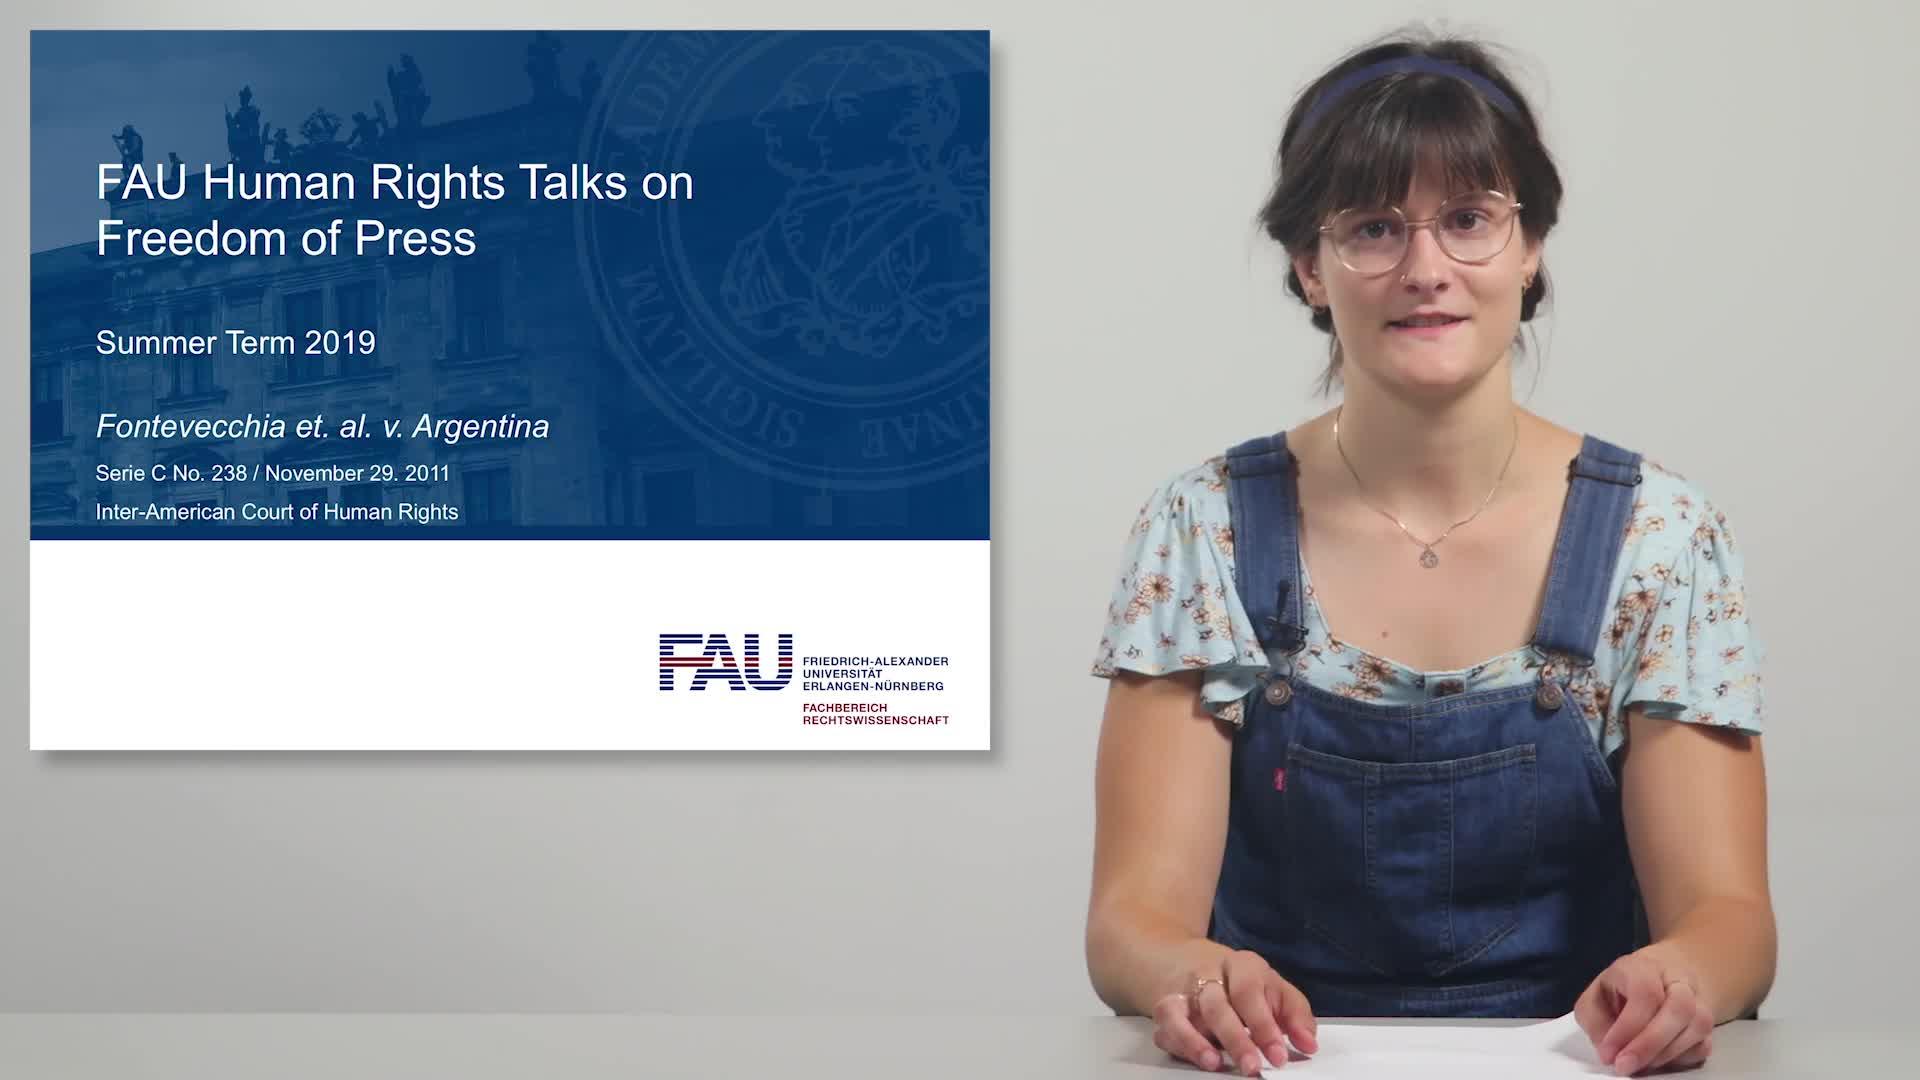 FAU Human Rights Talks – Summer Term 2019: Fontevecchia et. al. v. Argentina preview image